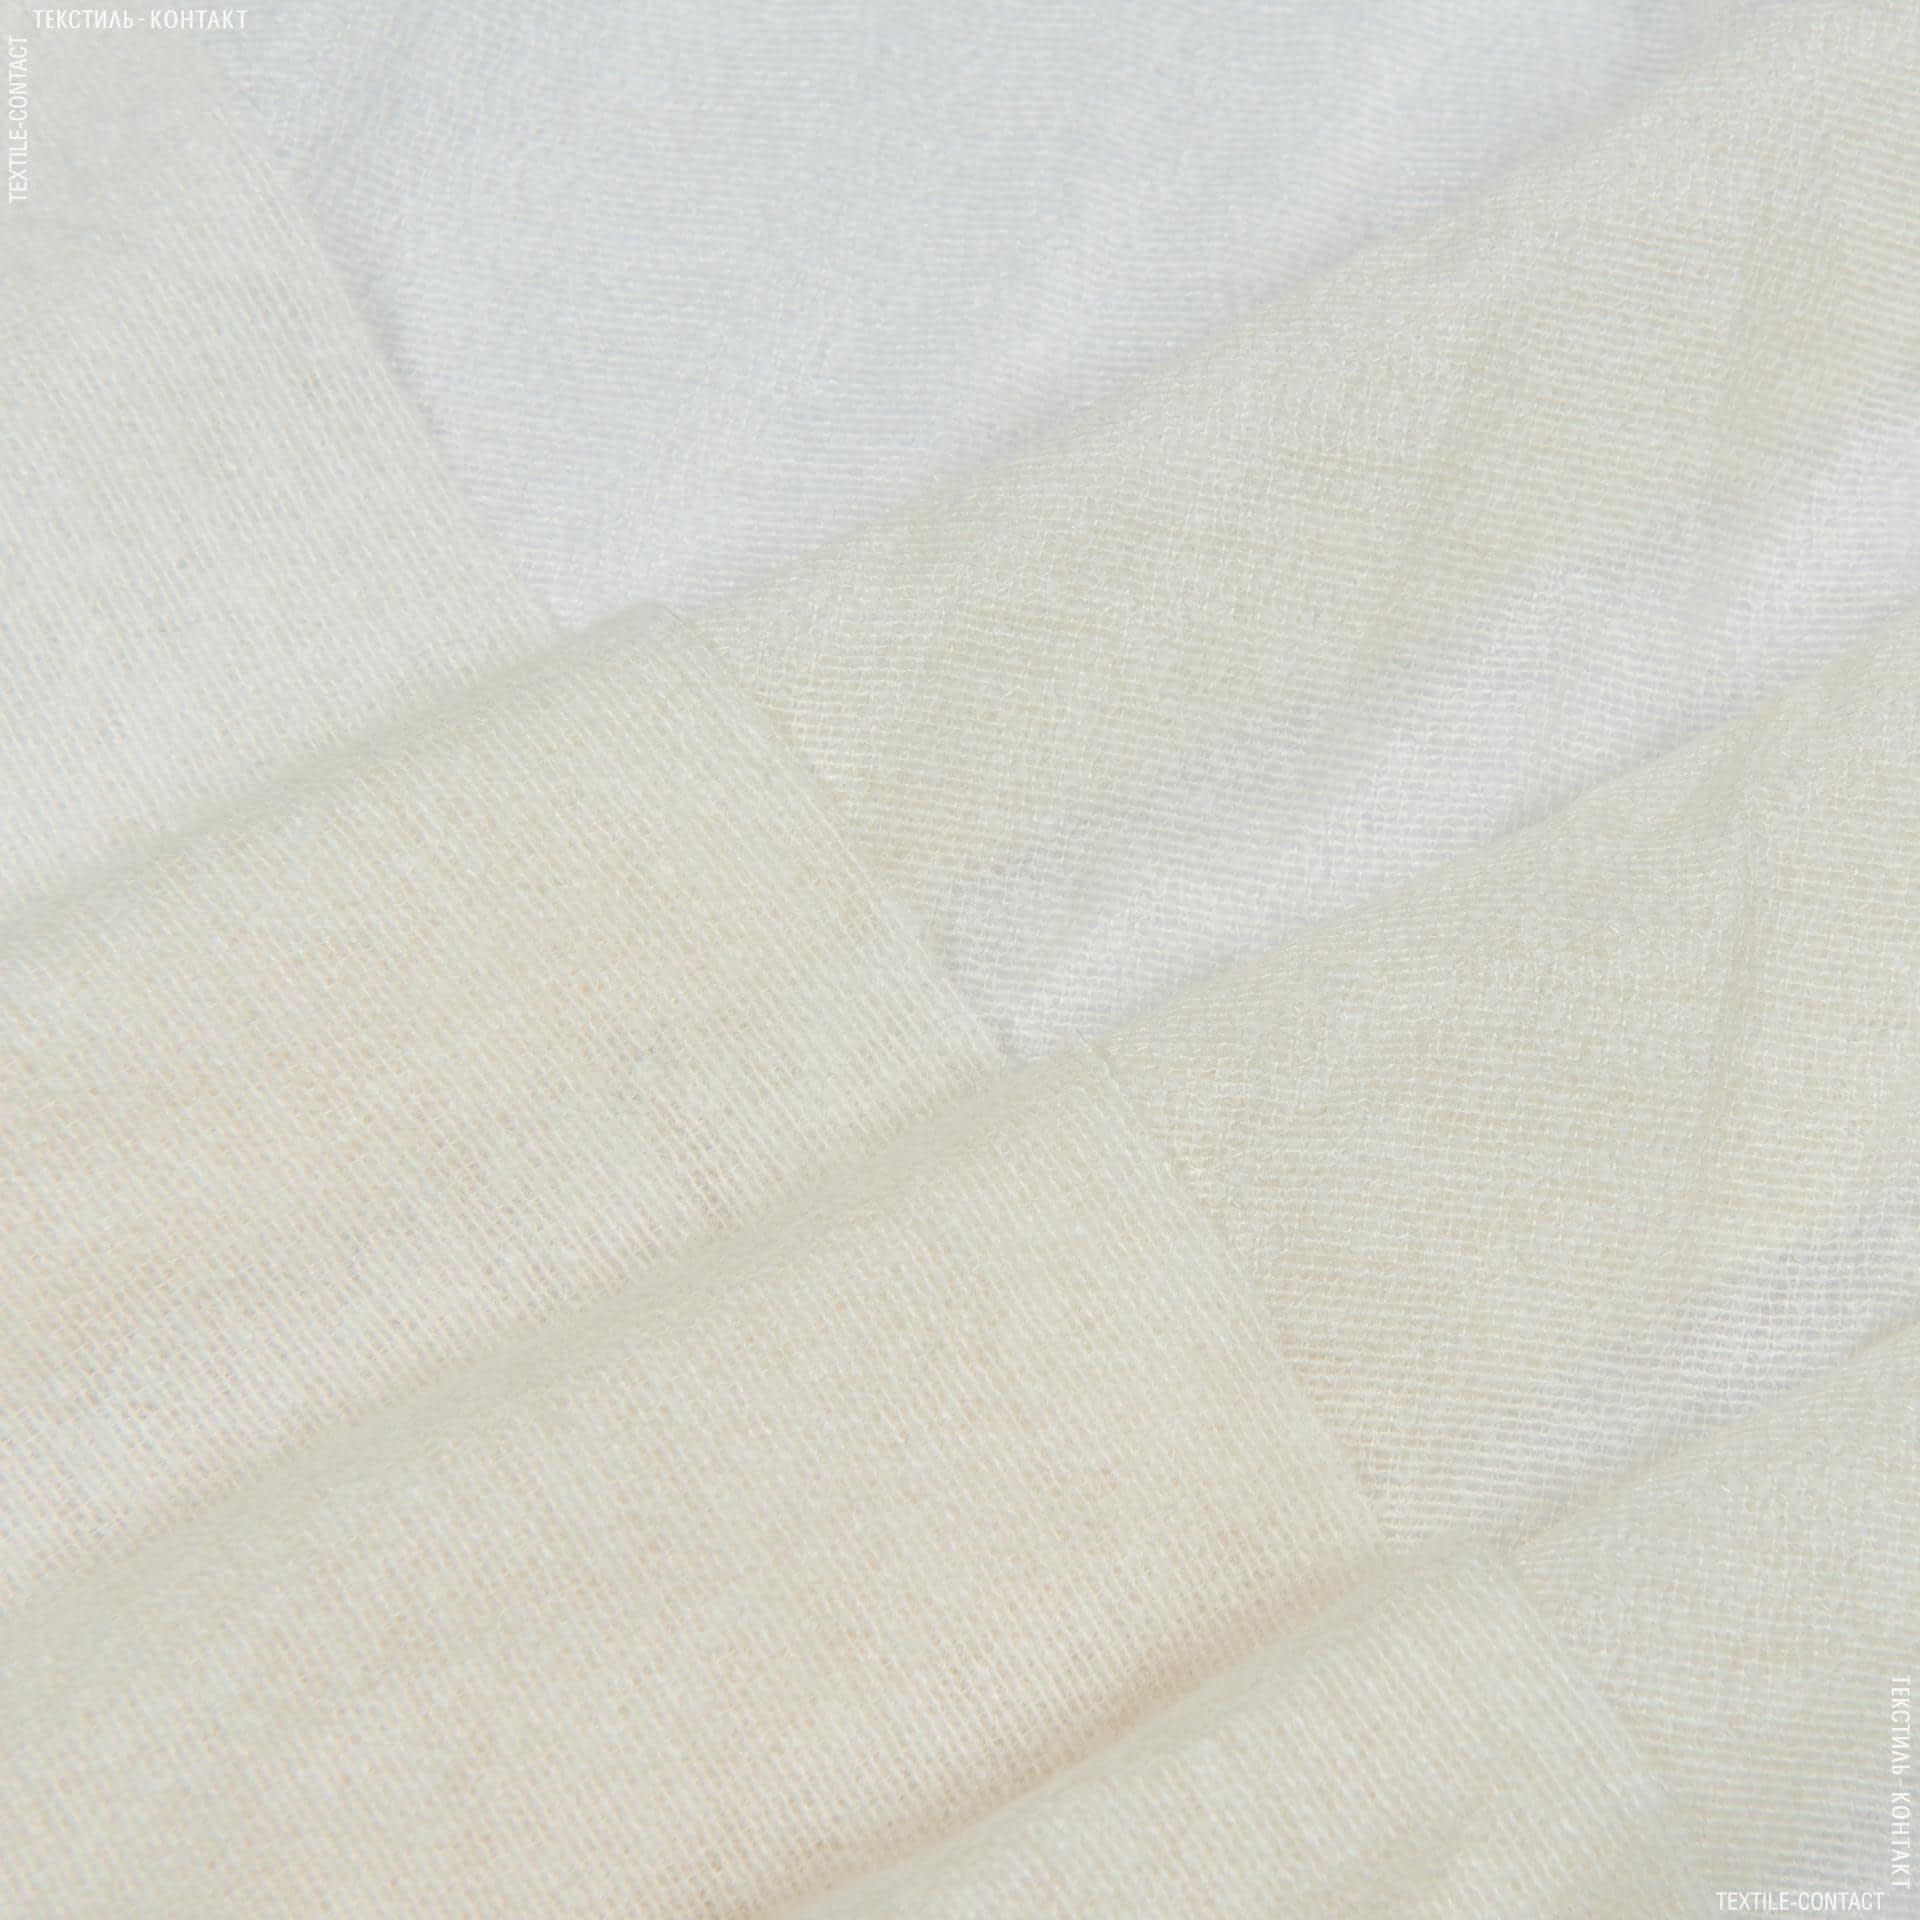 Тканини дублірин, флізелін - Дублірин трик. білий 80г/м